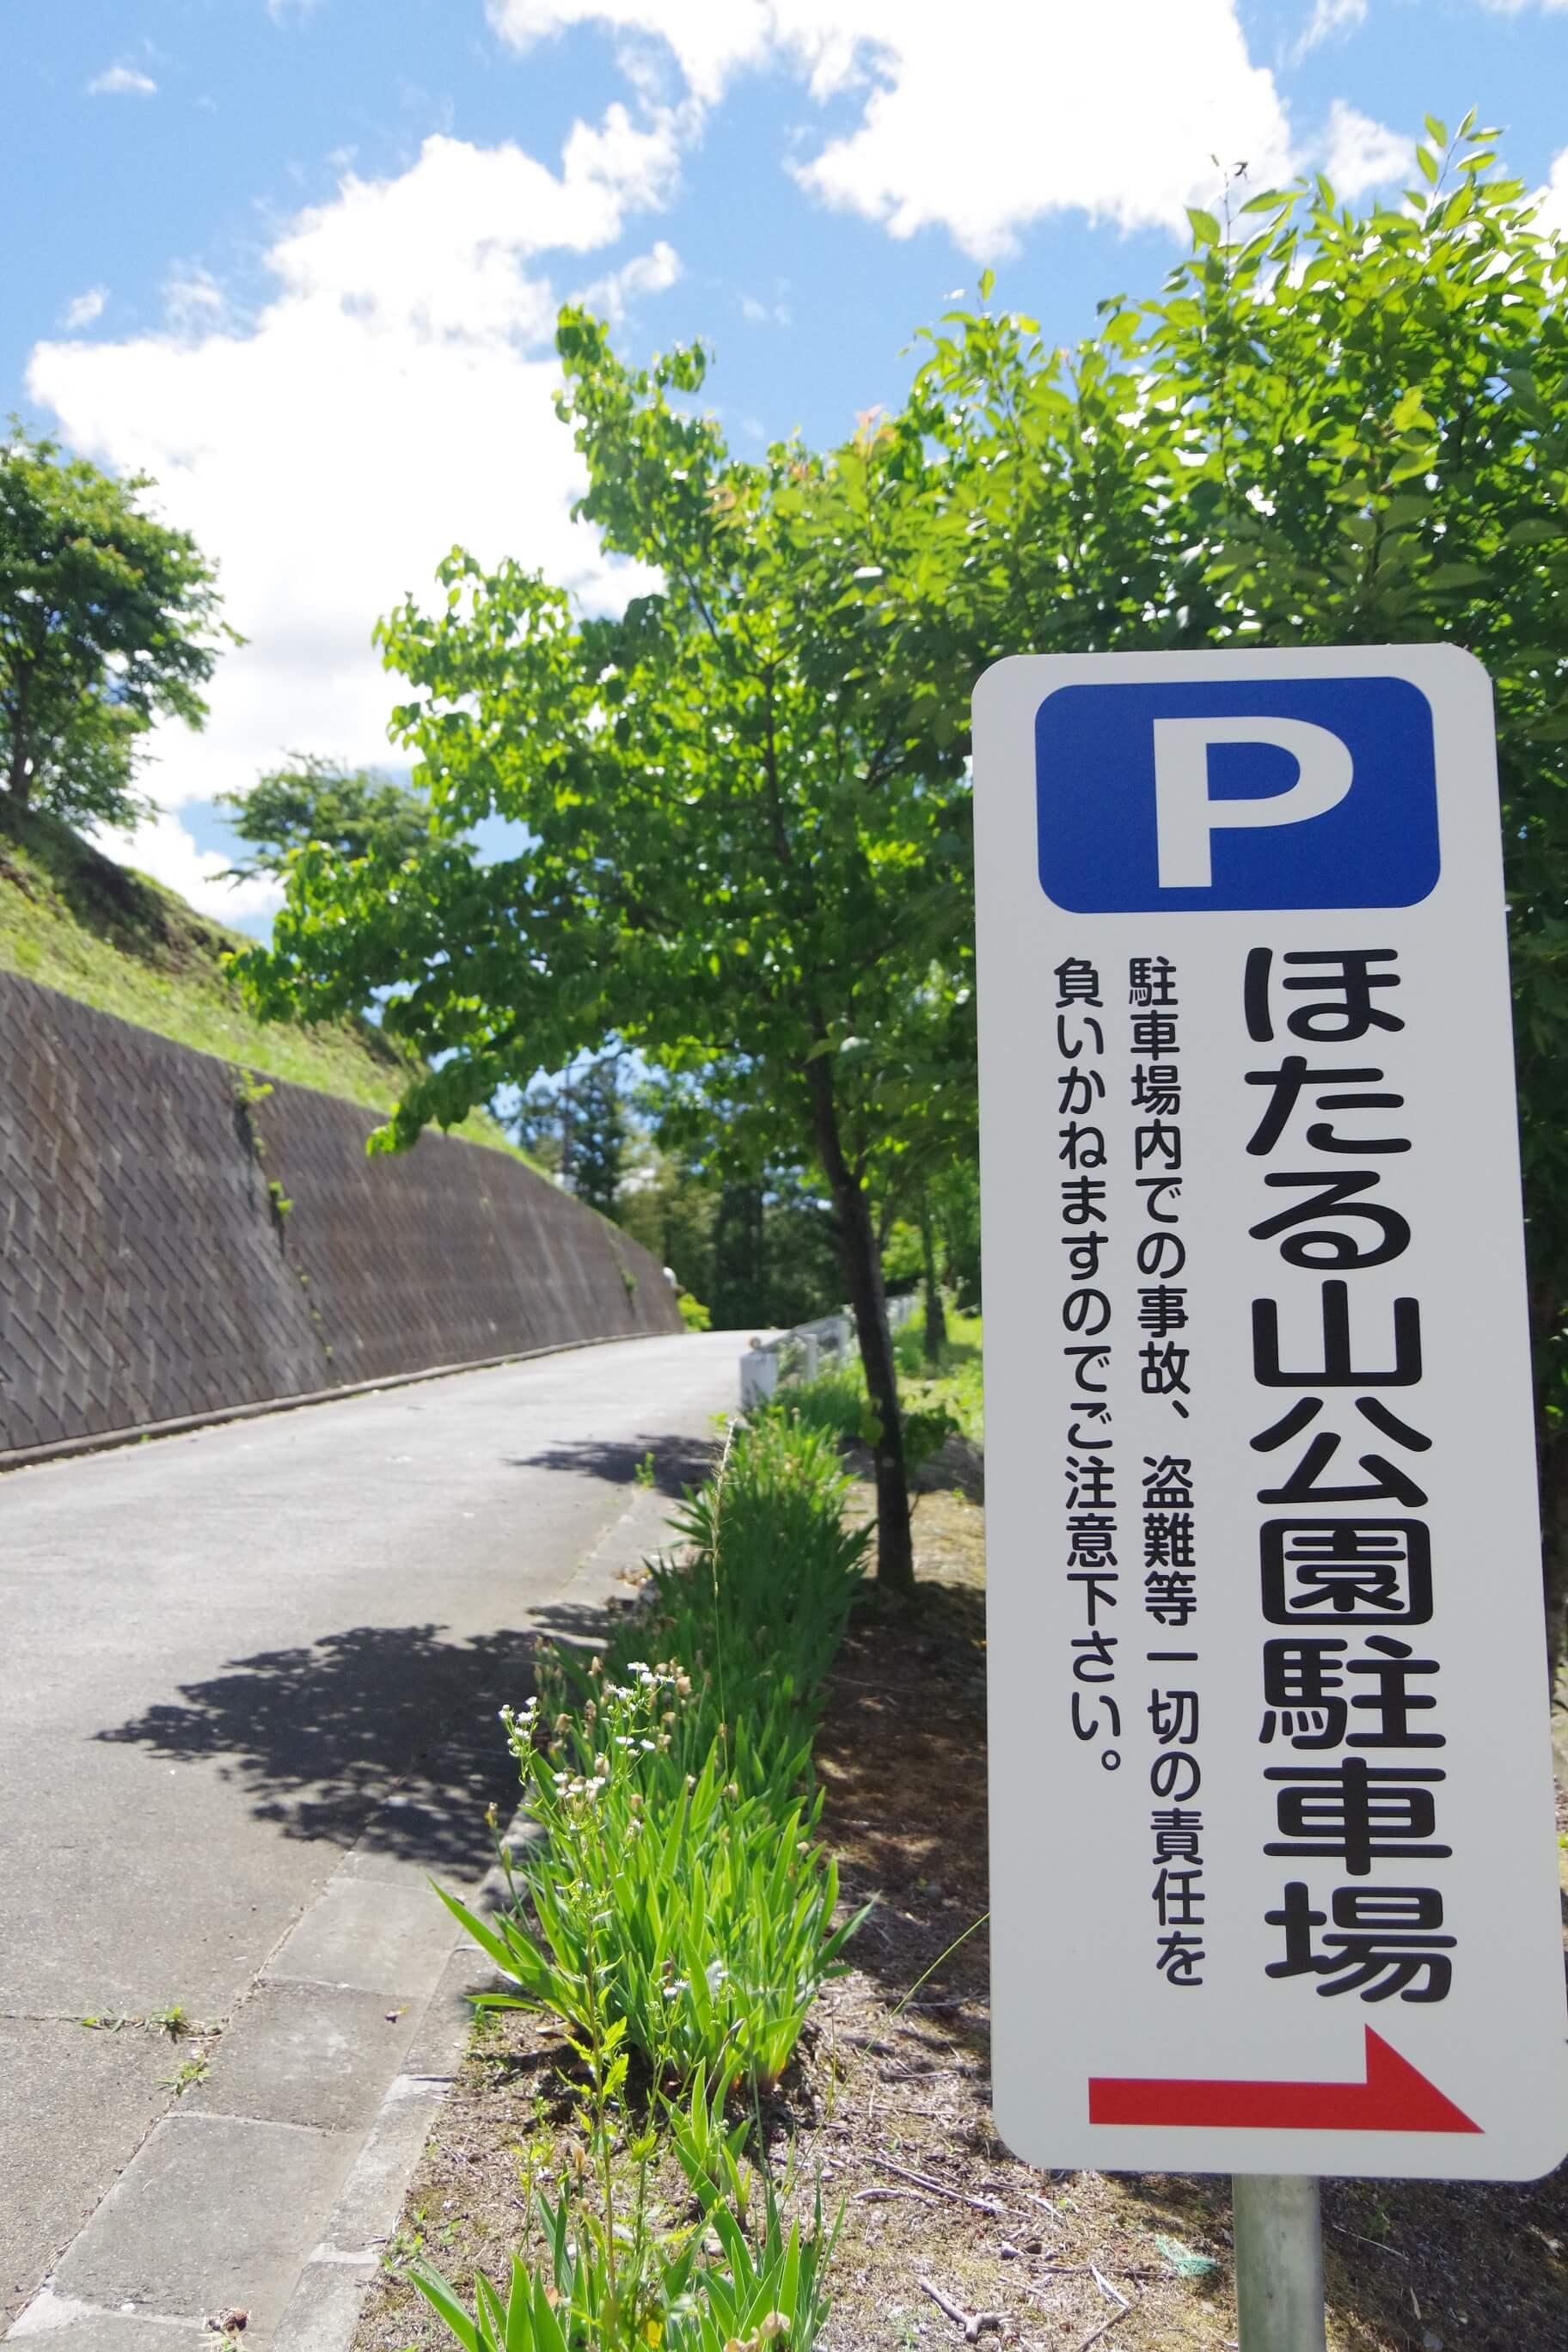 相俣ダムカレー 容器